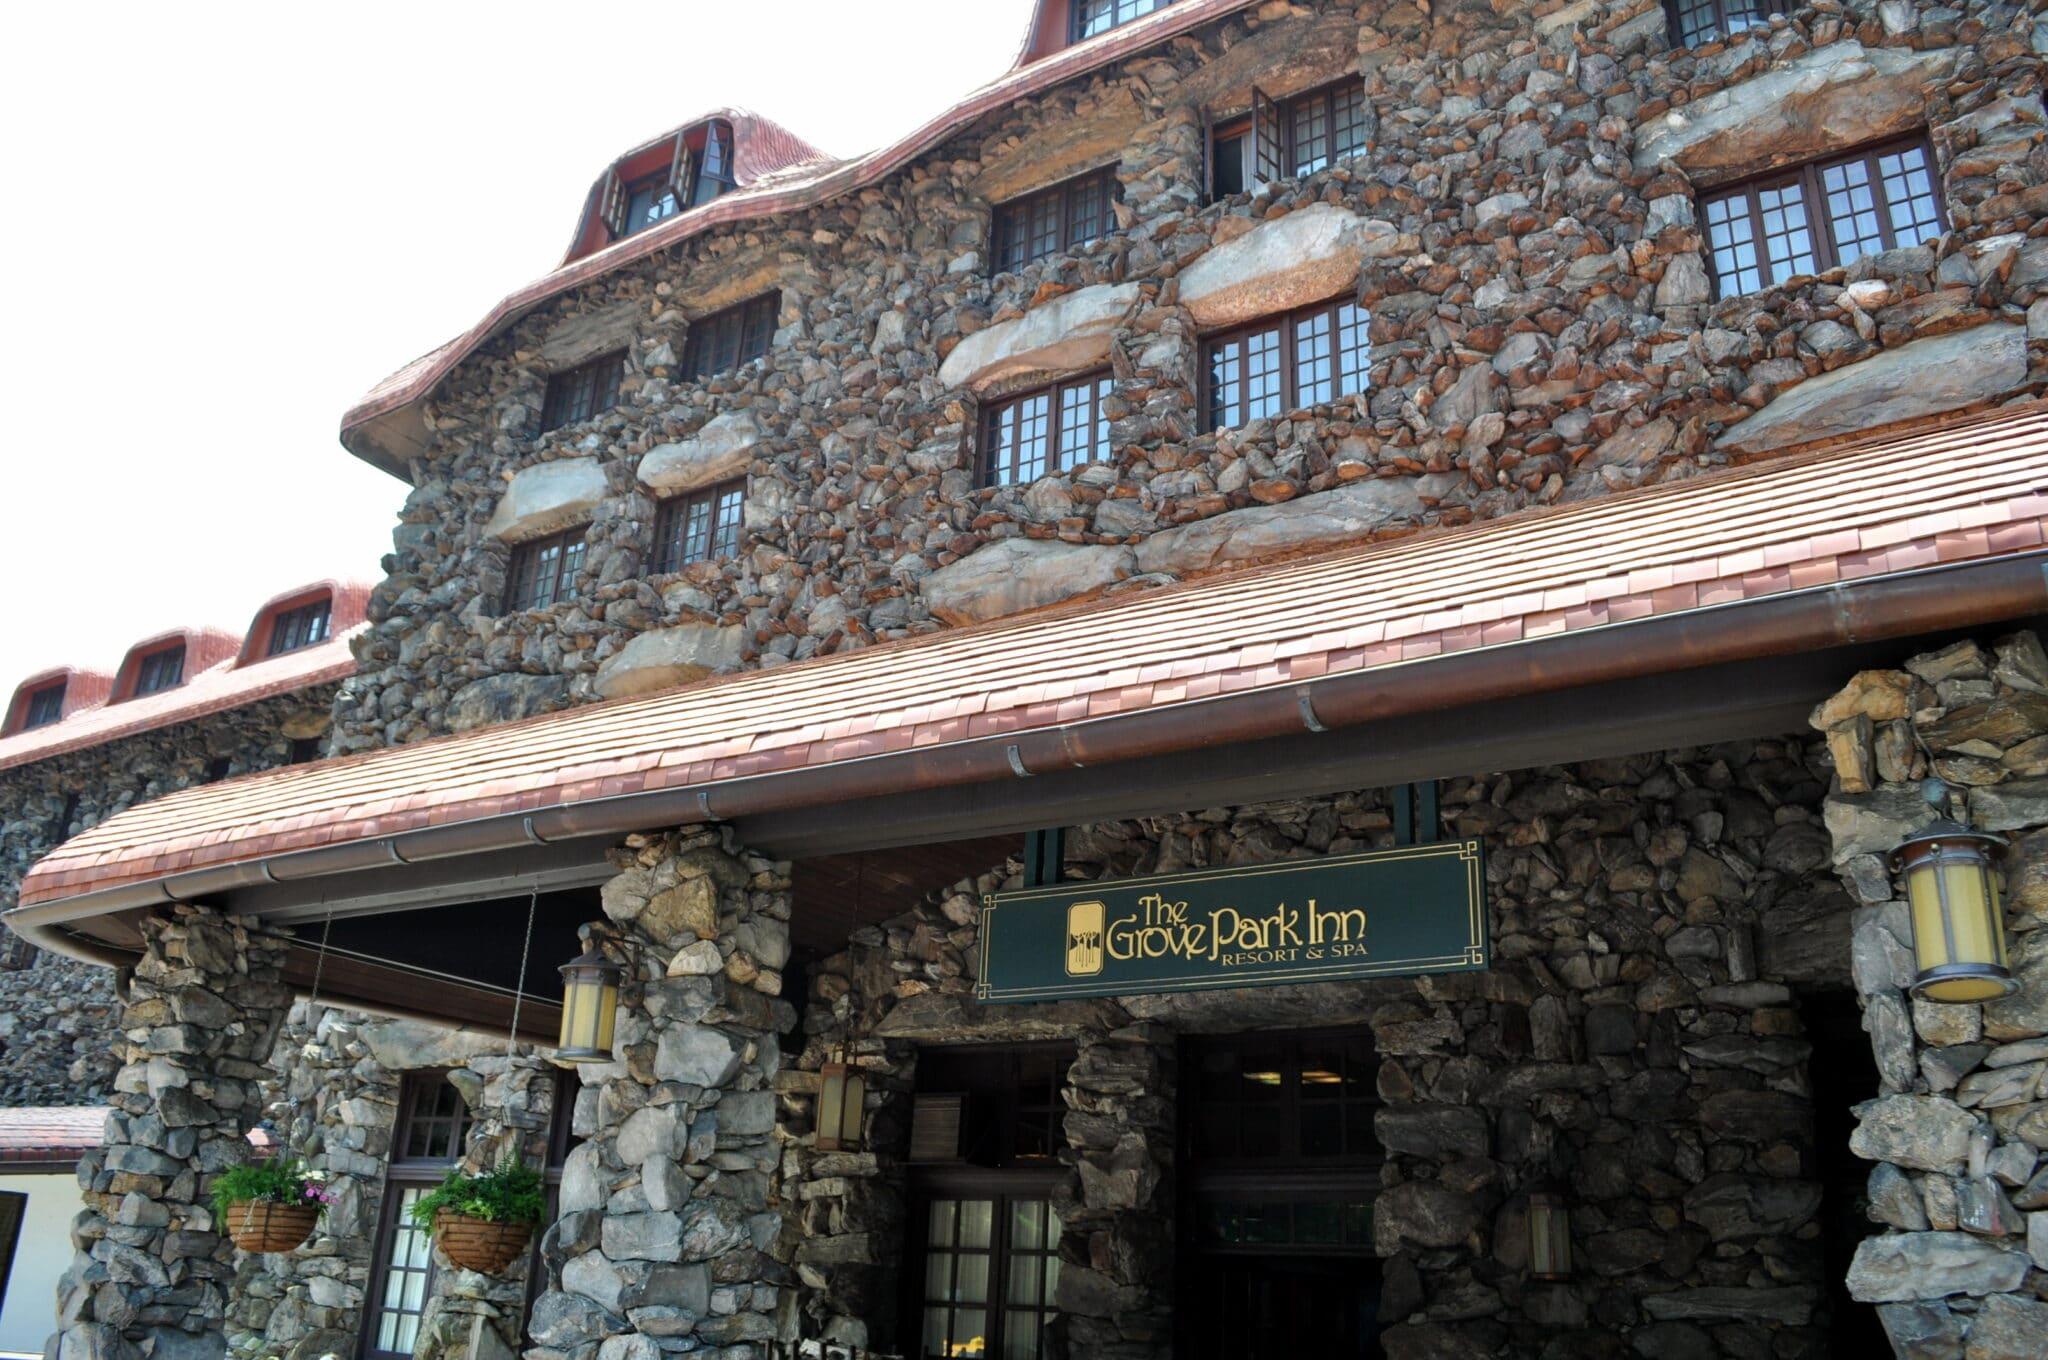 The Grove Park Inn Madeinaday.com